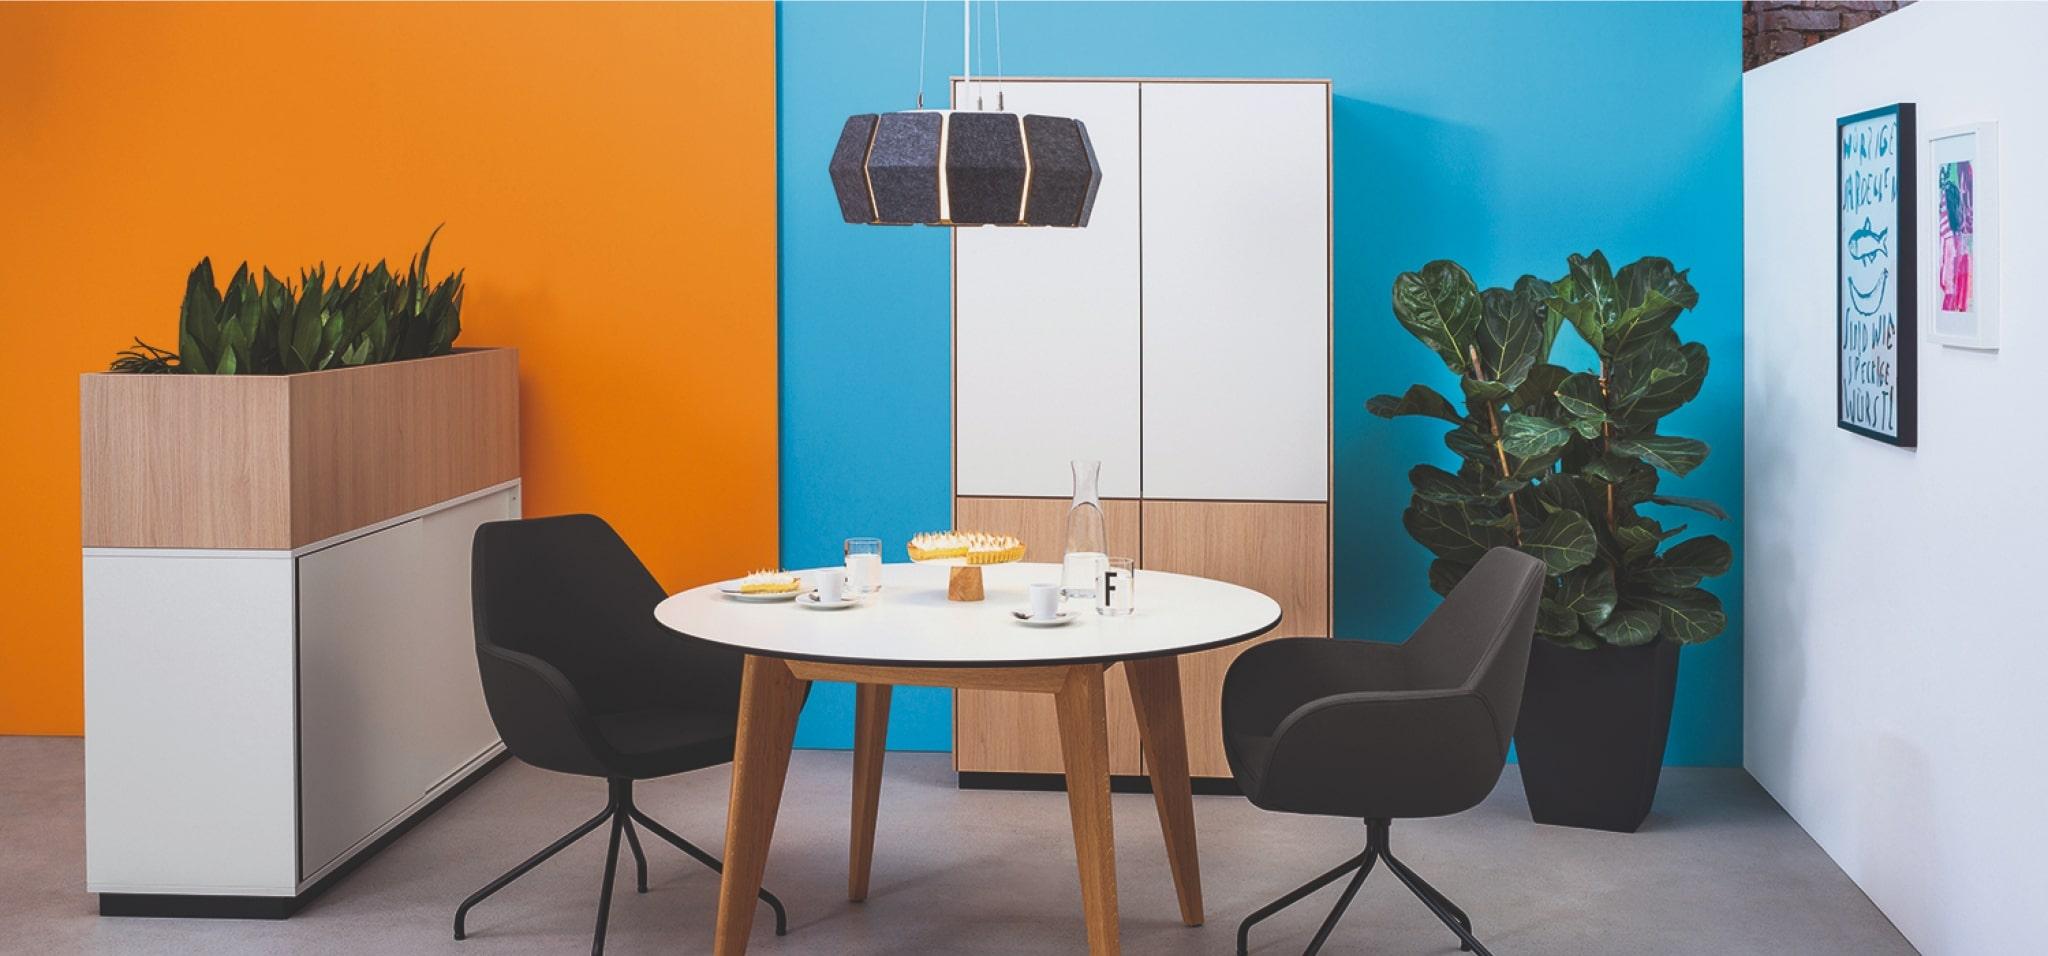 Rundtisch m600 mit Tischgestell aus Holz und Compactplatte in weiß mit schwarzer Tischkante sowie Drehtürenschrank mit geteilter Schrankfront in Melamin weiß und Holzoptik.